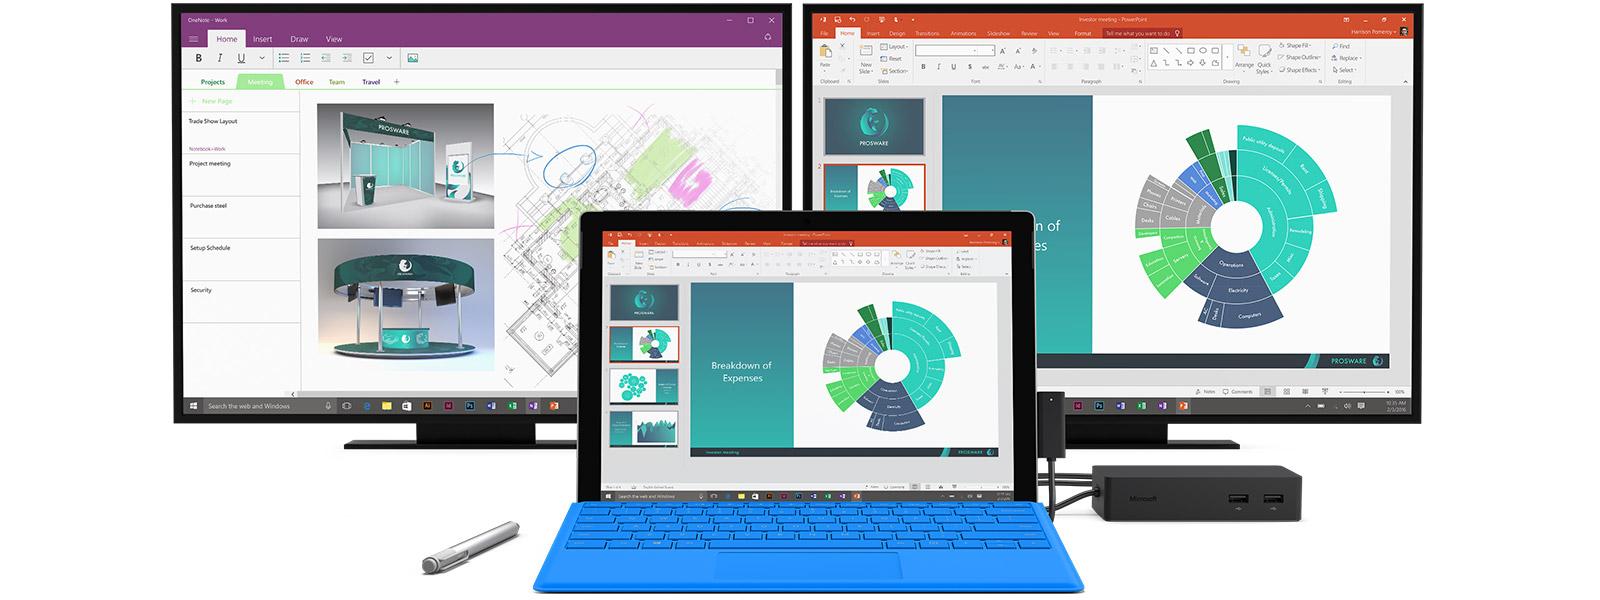 二台の一般的なデスクトップ モニター、Surface Pro 4、Surface ペンと Surface ドック